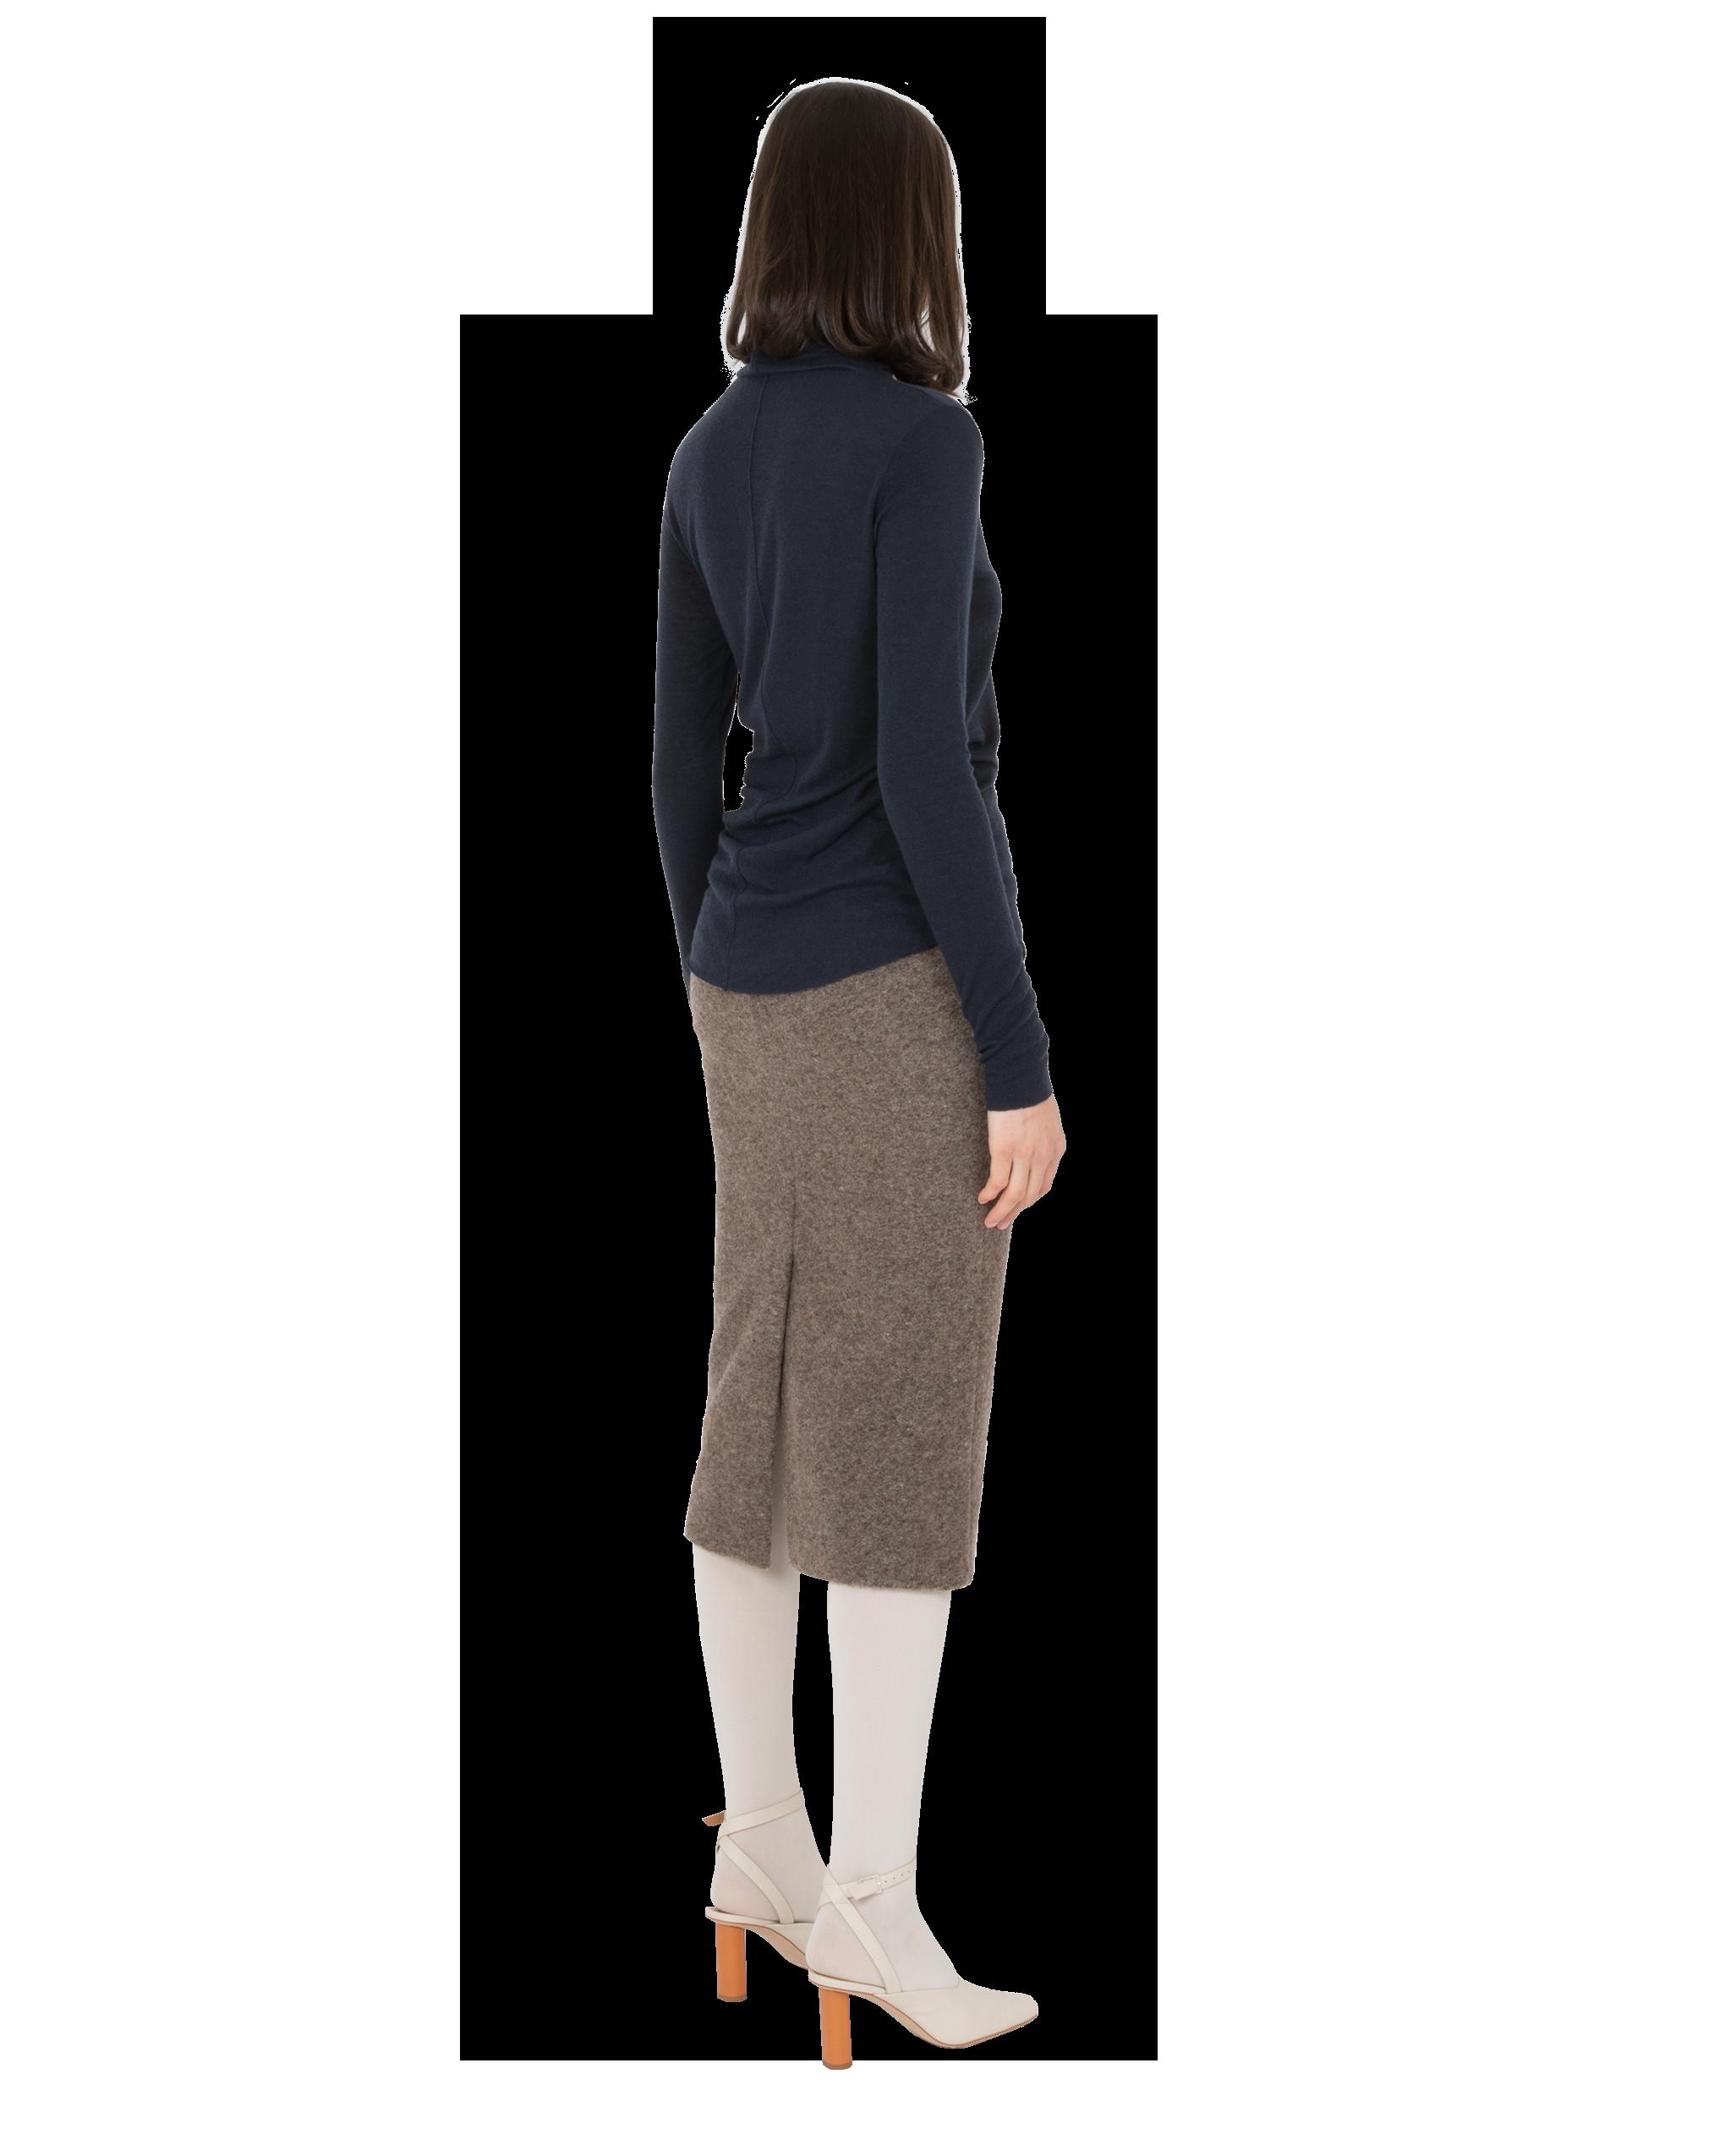 Model wearing EMIN + PAUL navy second skin wool blouse.